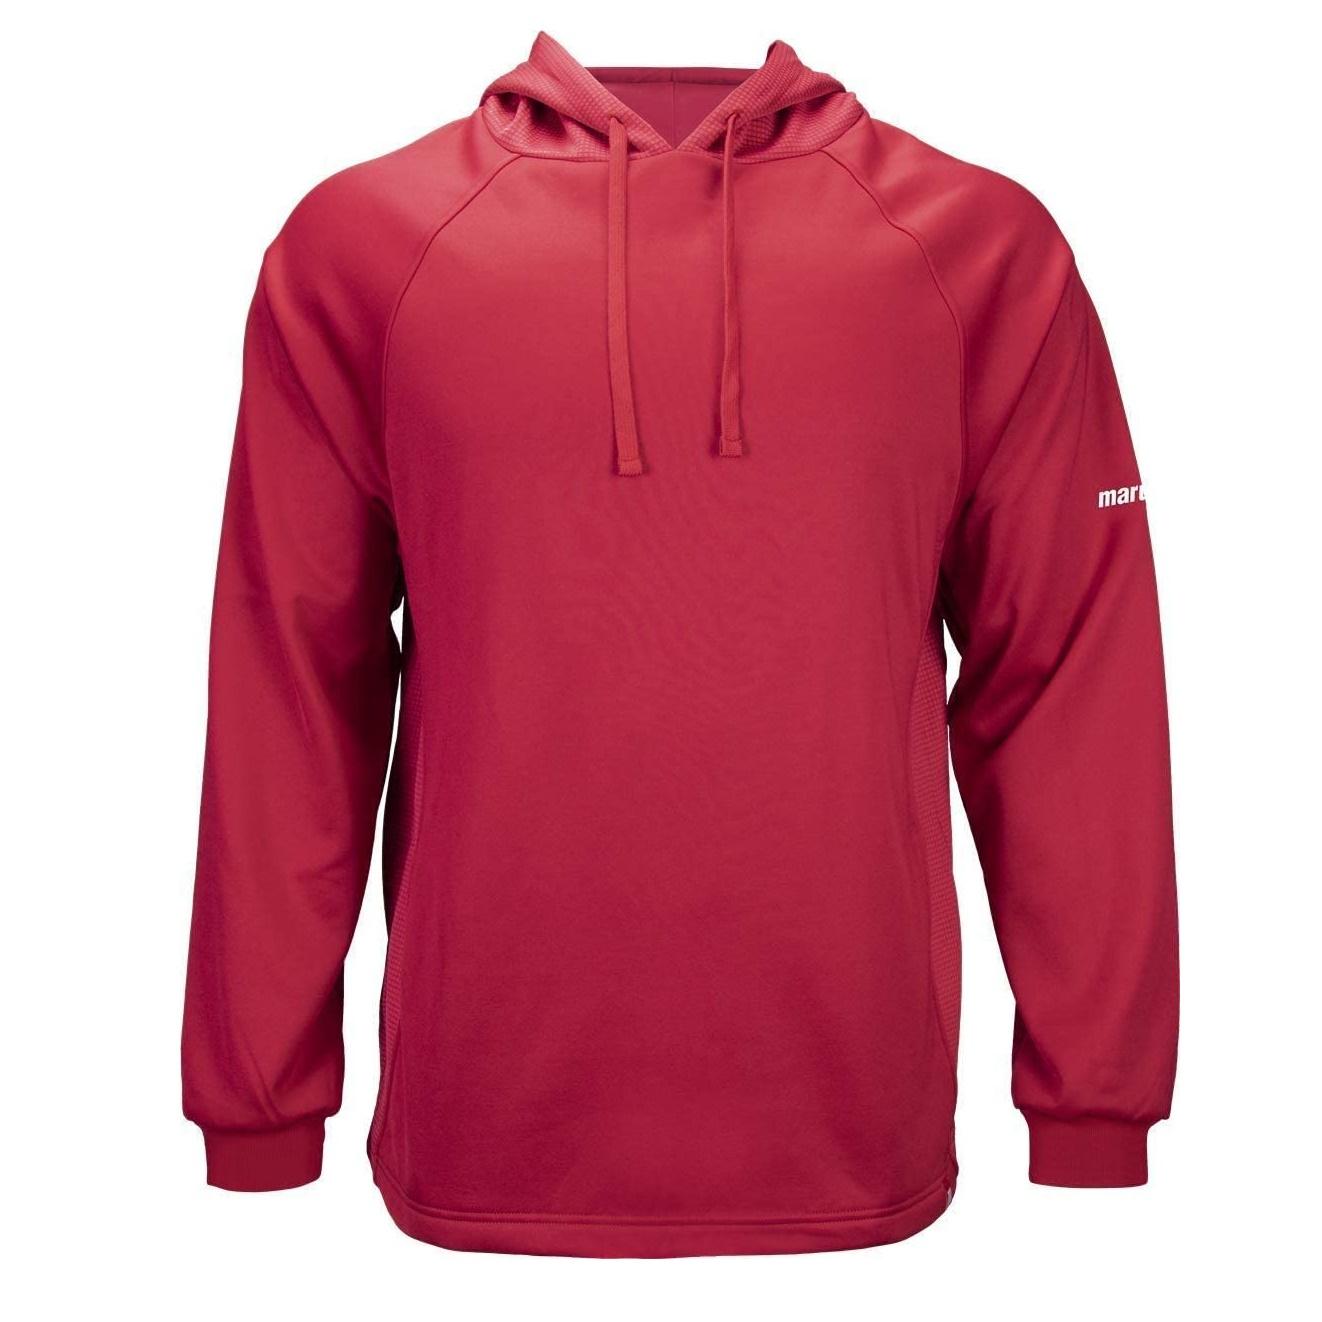 marucci-sports-mens-warm-up-tech-fleece-matflhtc-red-adult-medium-baseball-hoodie MATFLHTC-R-AM   Marucci Sports - Warm-Up Tech Fleece MATFLHTCY Baseball Hoodie. As a